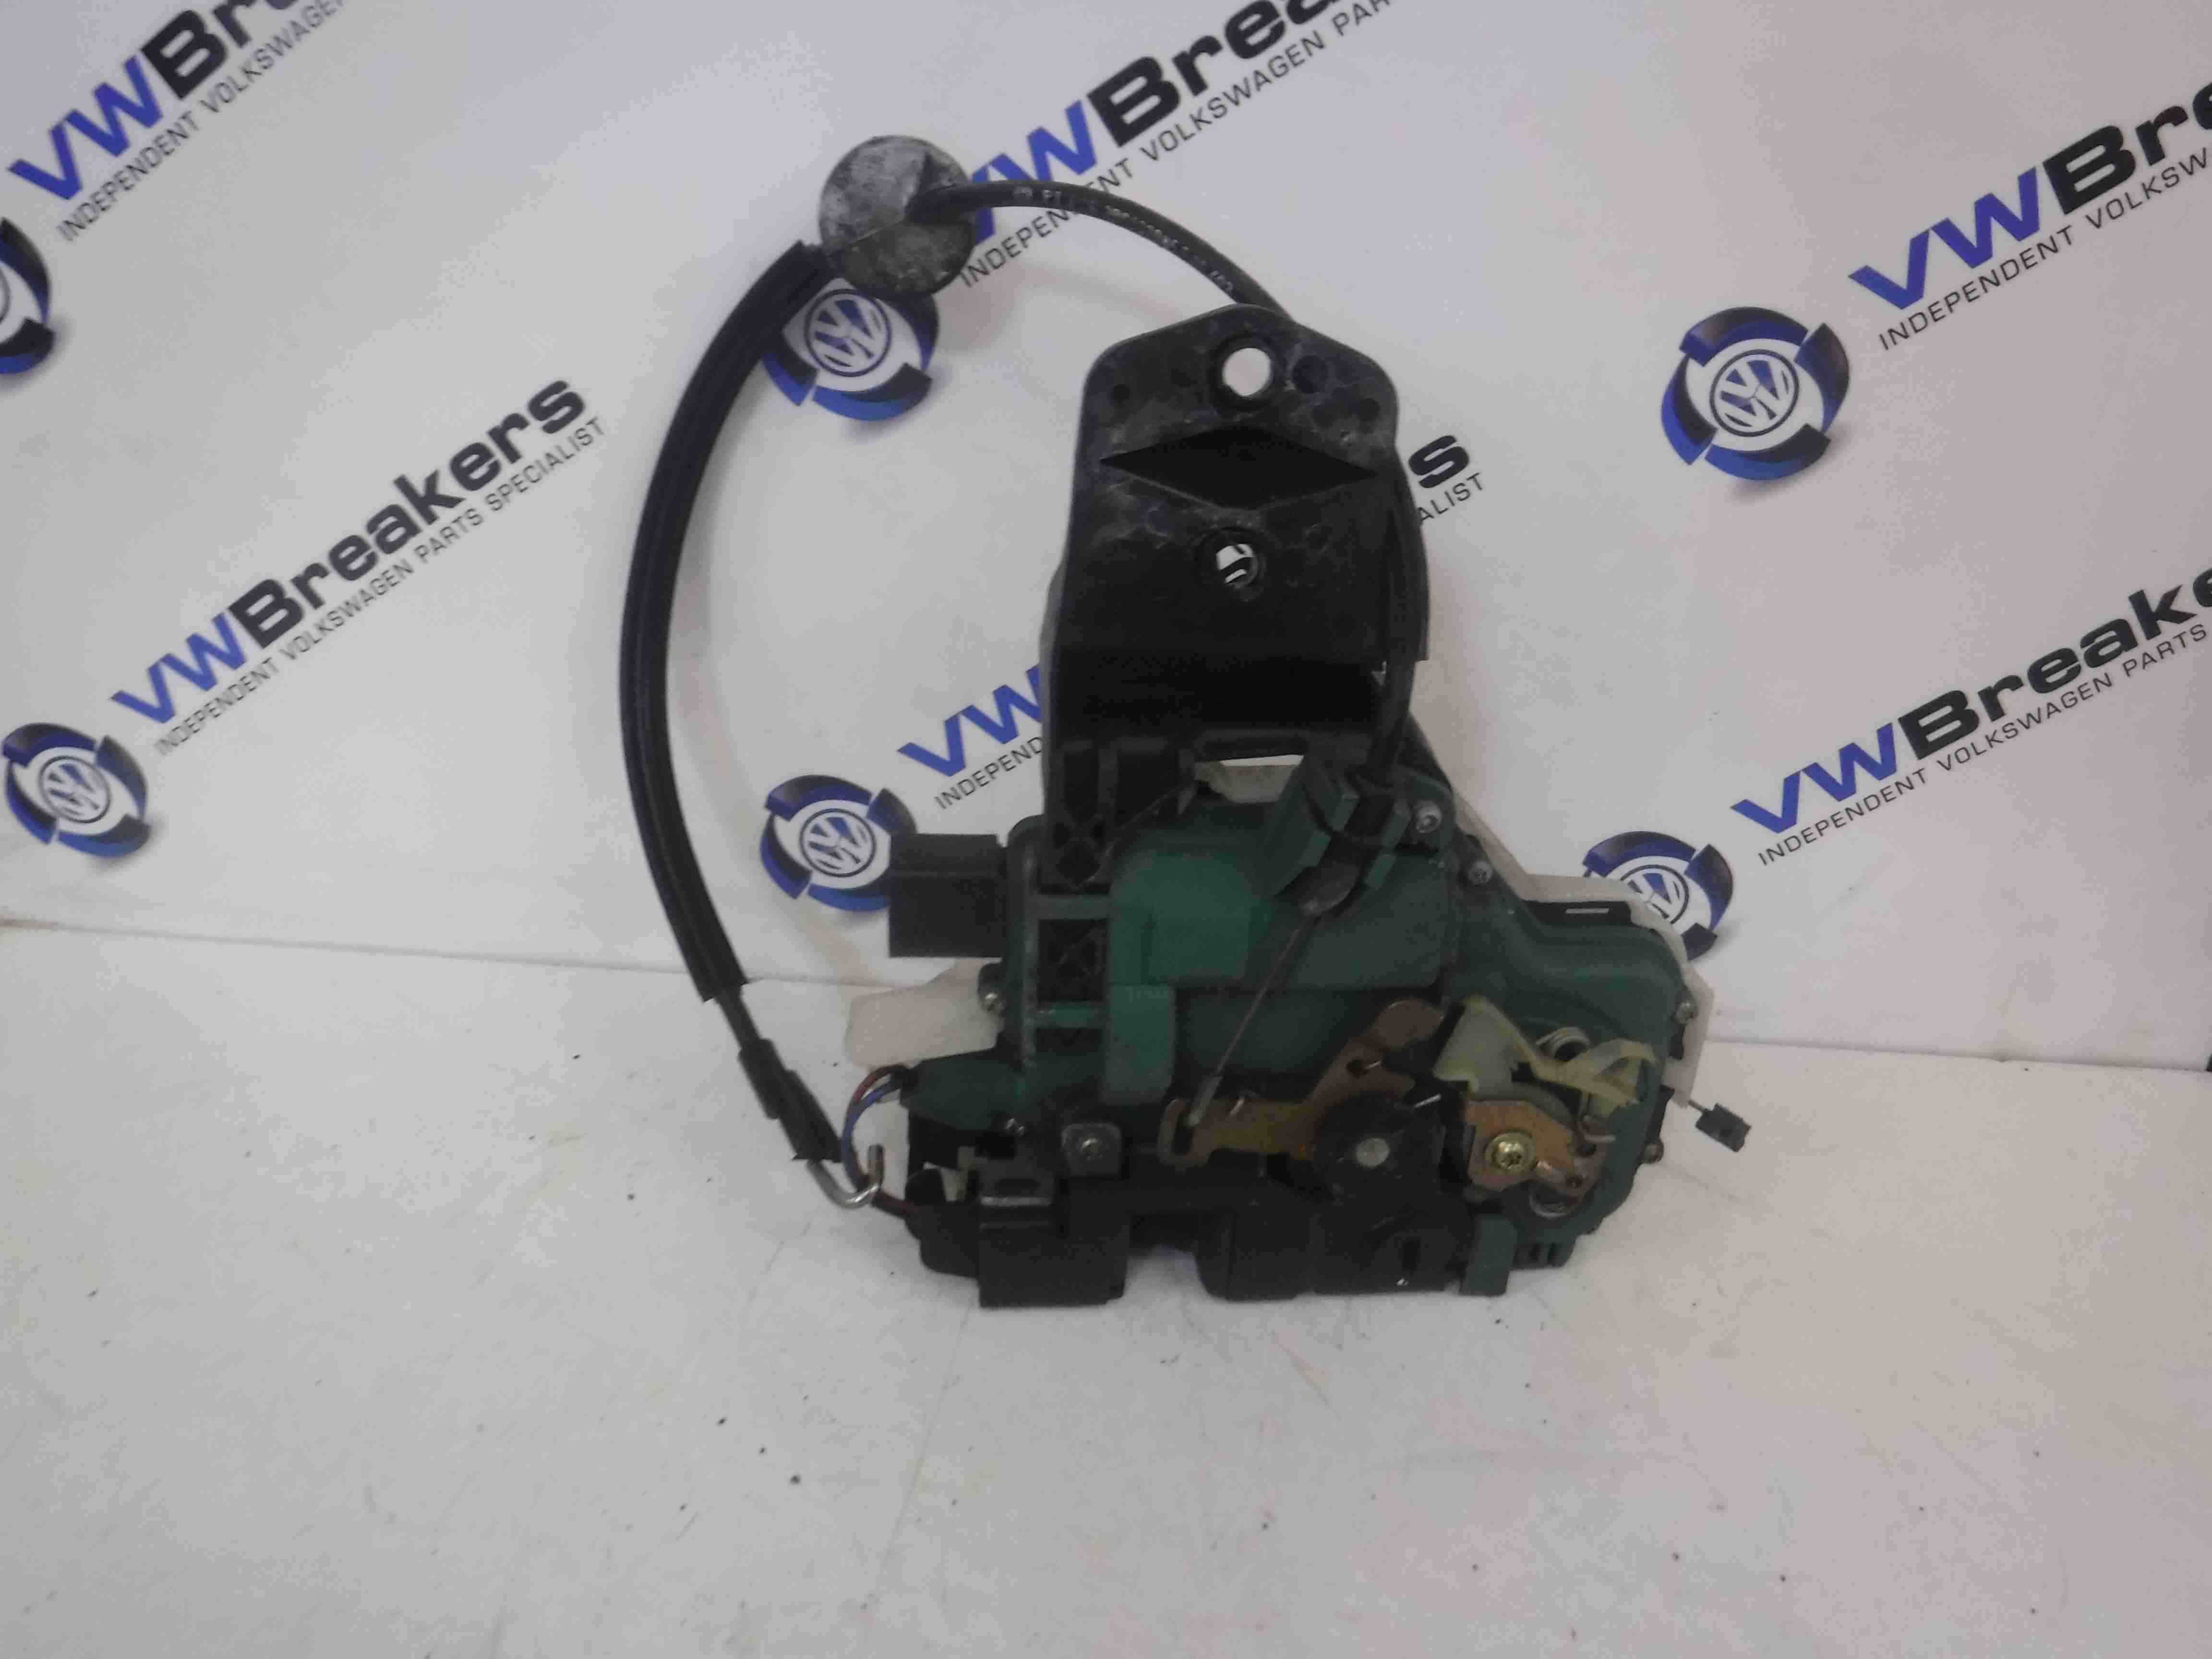 Volkswagen Passat Estate 2001-2005 B5.5 Drivers OSR Rear Door Lock Mechanism